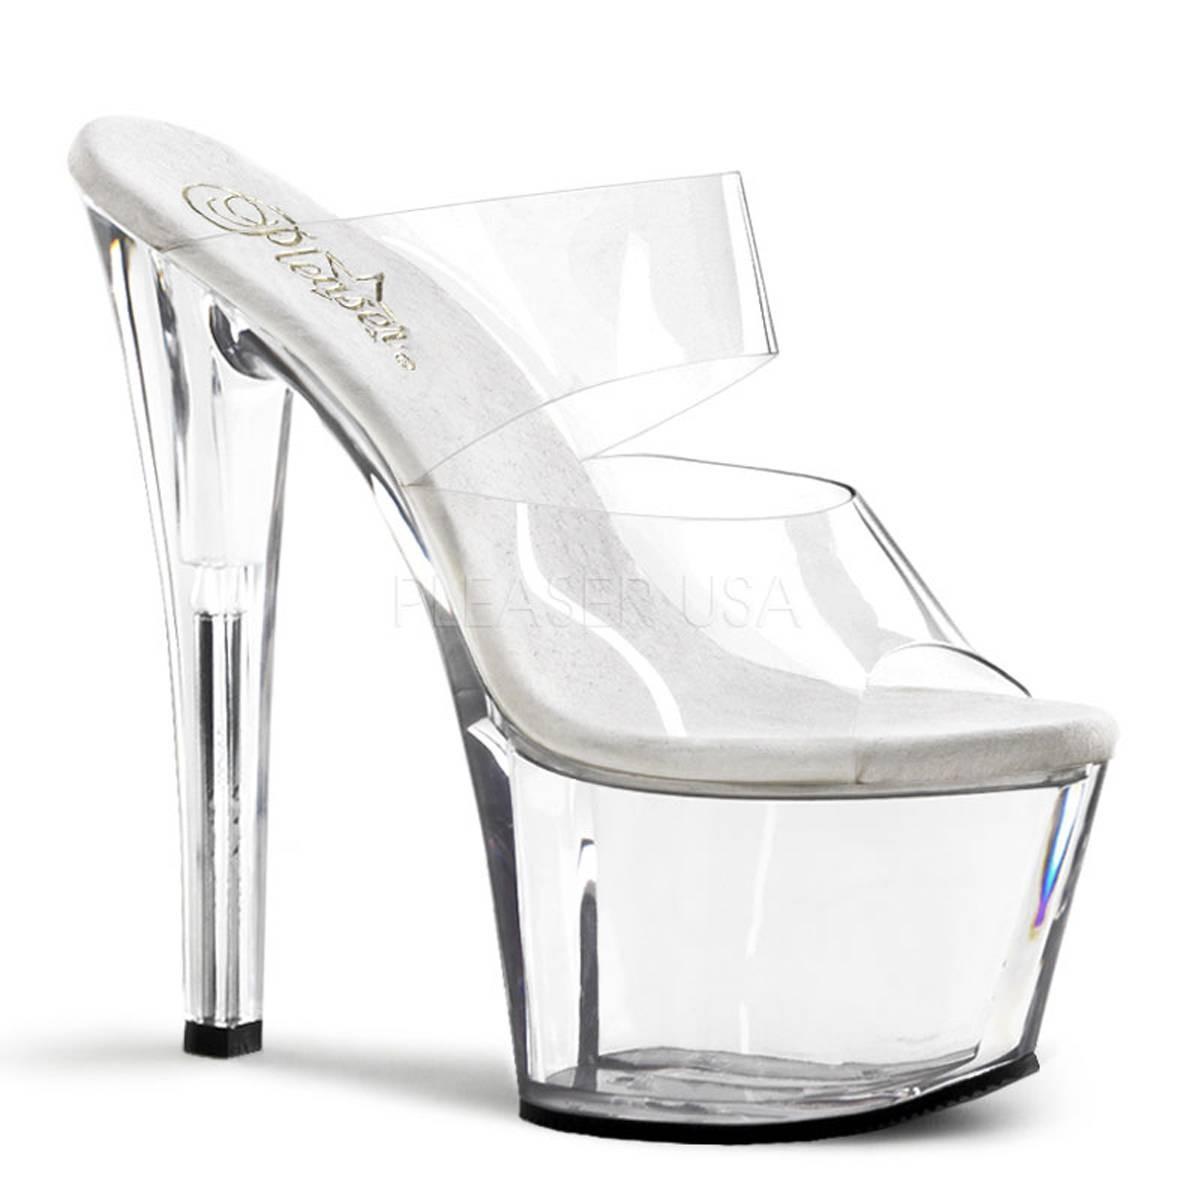 Highheels für Frauen - SKY 302 ° Damen Sandalette ° Transparent Matt ° Pleaser  - Onlineshop RedSixty